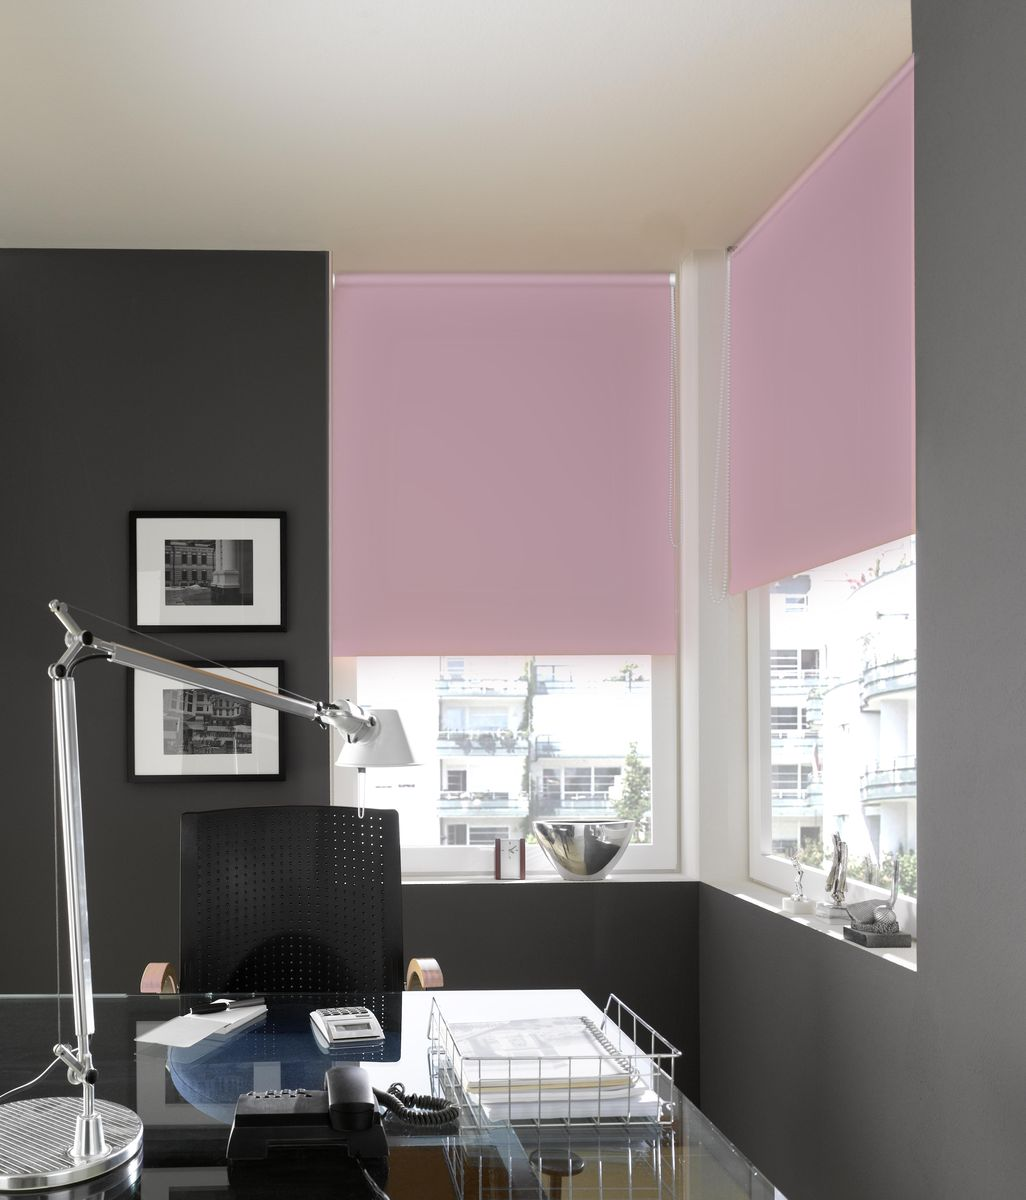 """Рулонными шторами Эскар """"Миниролло. Blackout"""" можно оформлять окна как самостоятельно, так и использовать в комбинации с портьерами. Это поможет предотвратить выгорание дорогой ткани на солнце и соединит функционал рулонных с красотой навесных.  Преимущества применения рулонных штор для пластиковых окон:  - имеют прекрасный внешний вид: многообразие и фактурность материала изделия отлично смотрятся в любом интерьере; - многофункциональны: есть возможность подобрать шторы способные эффективно защитить комнату от солнца, при этом она не будет слишком темной;   - есть возможность осуществить быстрый монтаж. ВНИМАНИЕ! Размеры ширины изделия указаны по ширине ткани!  Во время эксплуатации не рекомендуется полностью разматывать рулон, чтобы не оторвать ткань от намоточного вала.  В случае загрязнения поверхности ткани, чистку шторы проводят одним из способов, в зависимости от типа загрязнения: легкое поверхностное загрязнение можно удалить при помощи канцелярского ластика; чистка от пыли производится сухим методом при помощи пылесоса с мягкой щеткой-насадкой; для удаления пятна используйте мягкую губку с пенообразующим неагрессивным моющим средством или пятновыводитель на натуральной основе (нельзя применять растворители)."""